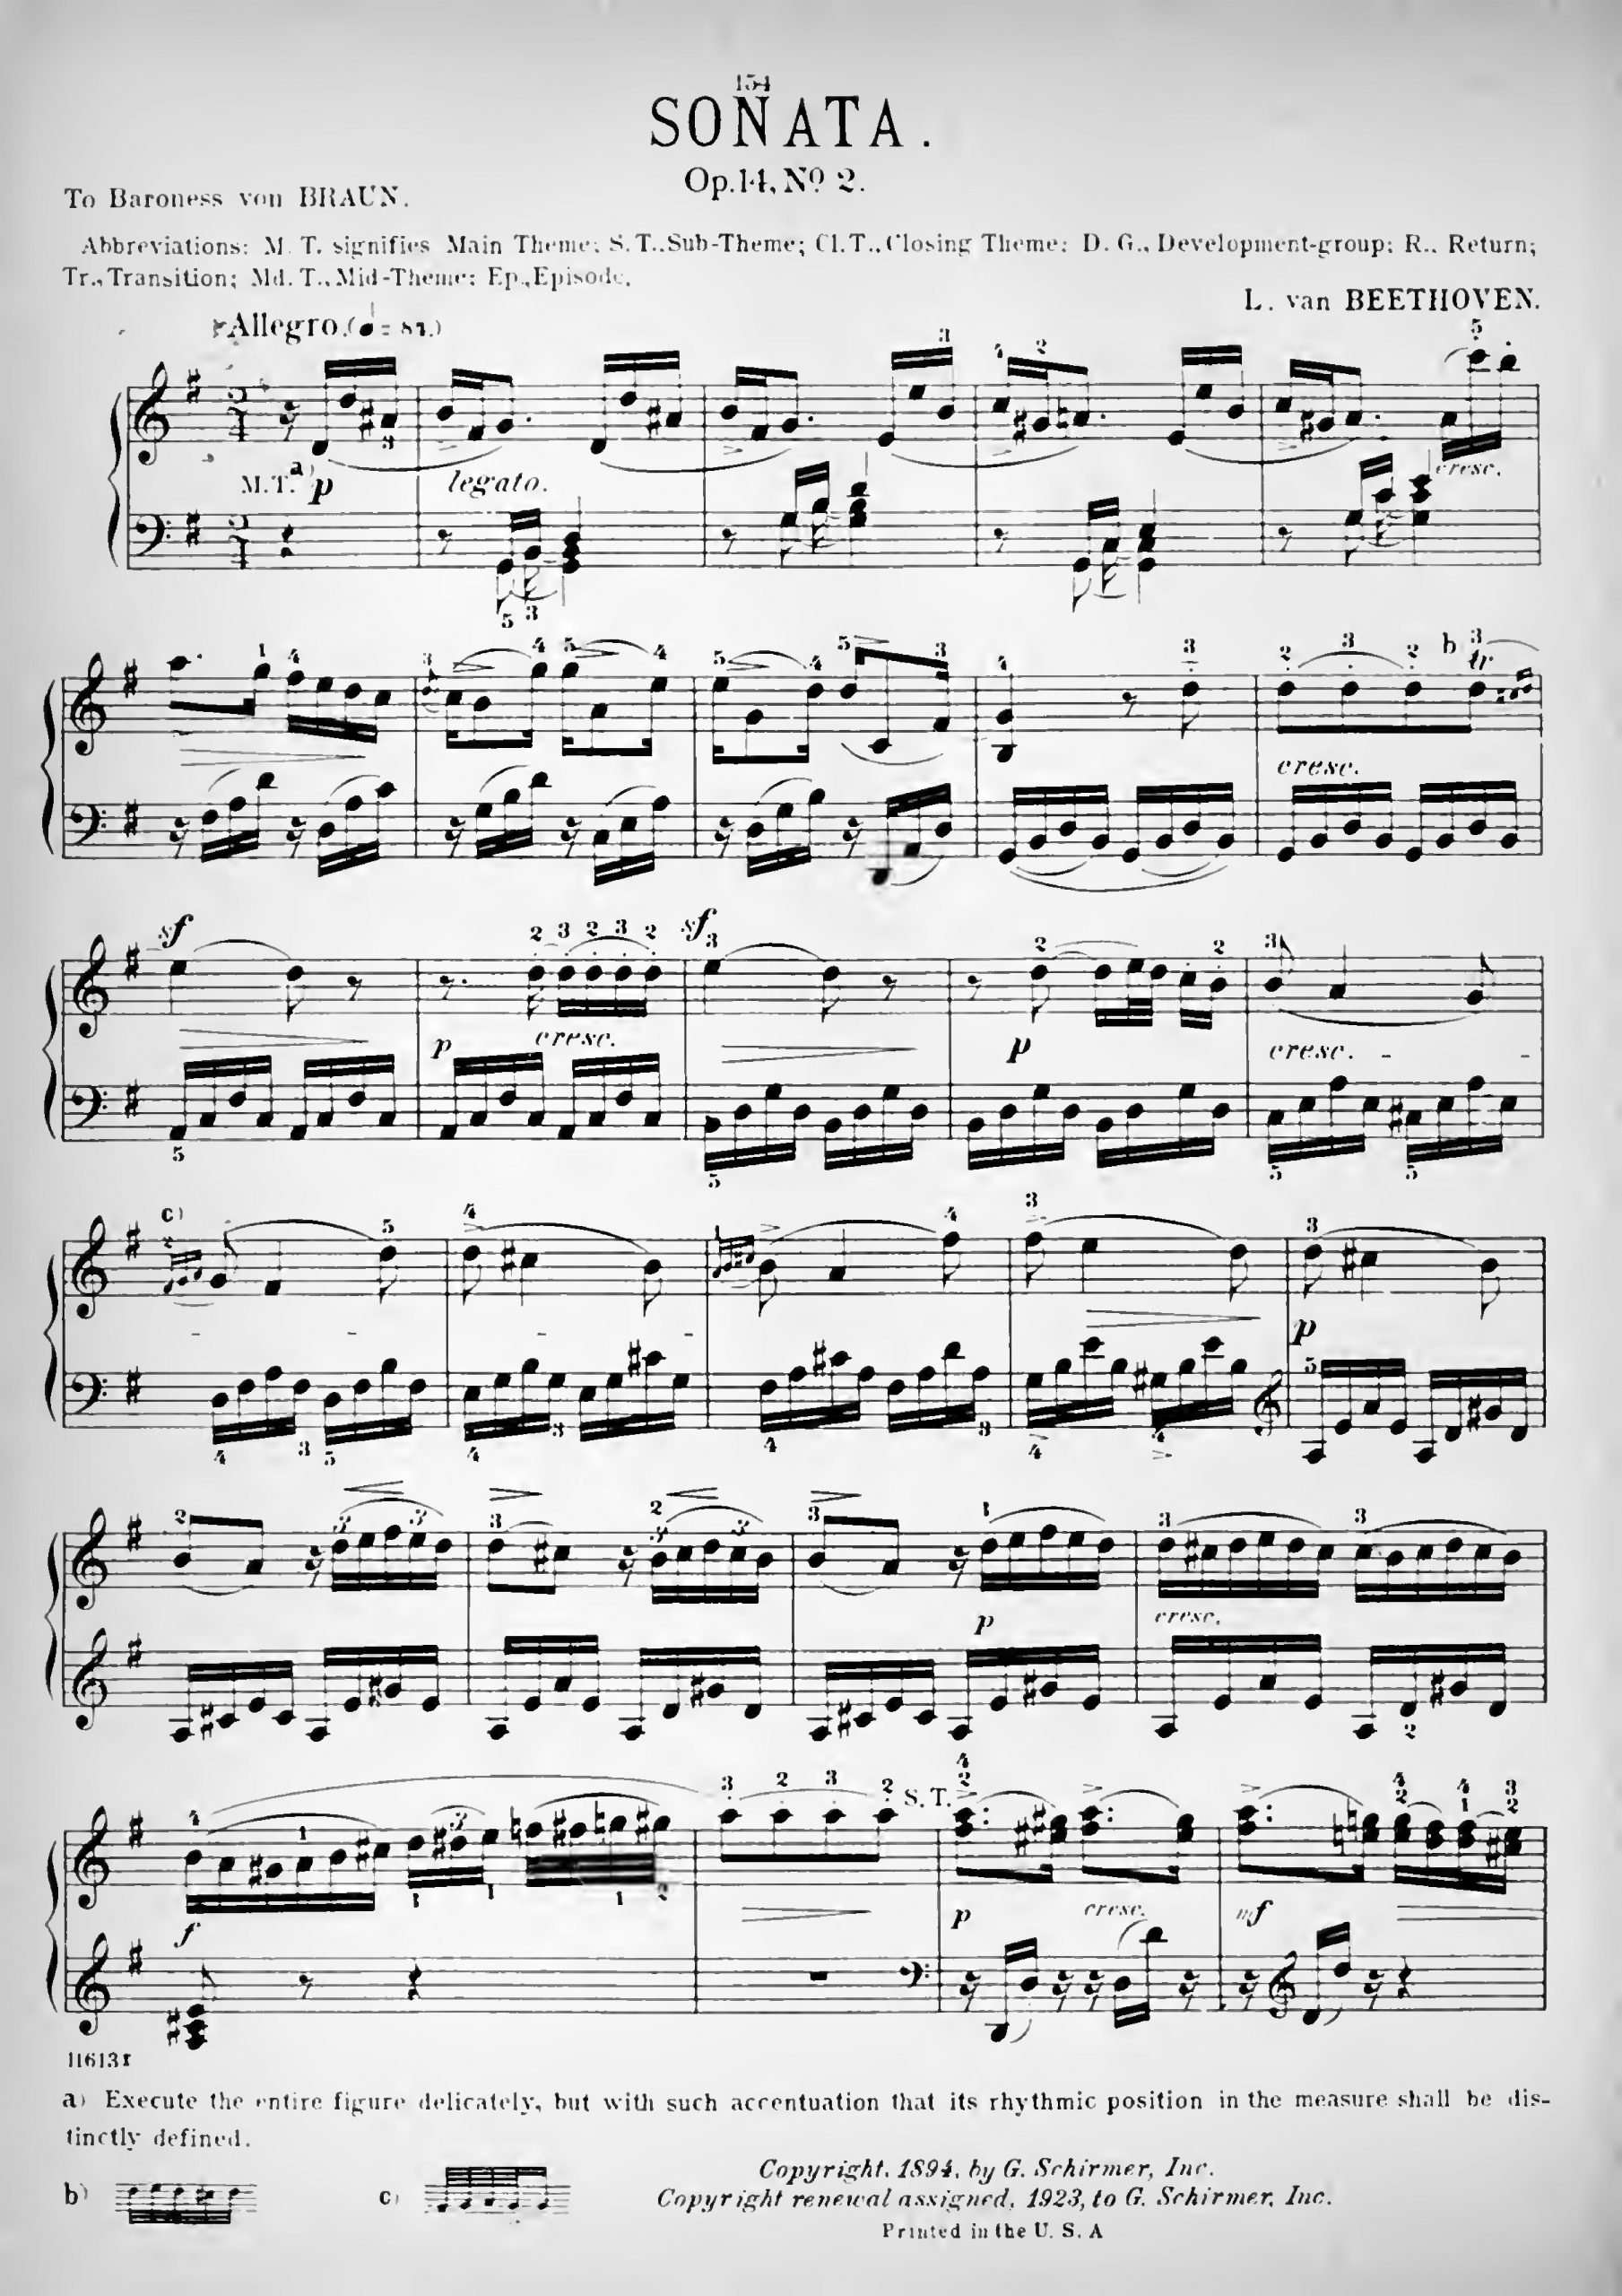 Beethoven, Ludwig van - Piano Sonata No.10, Op.14 No.2